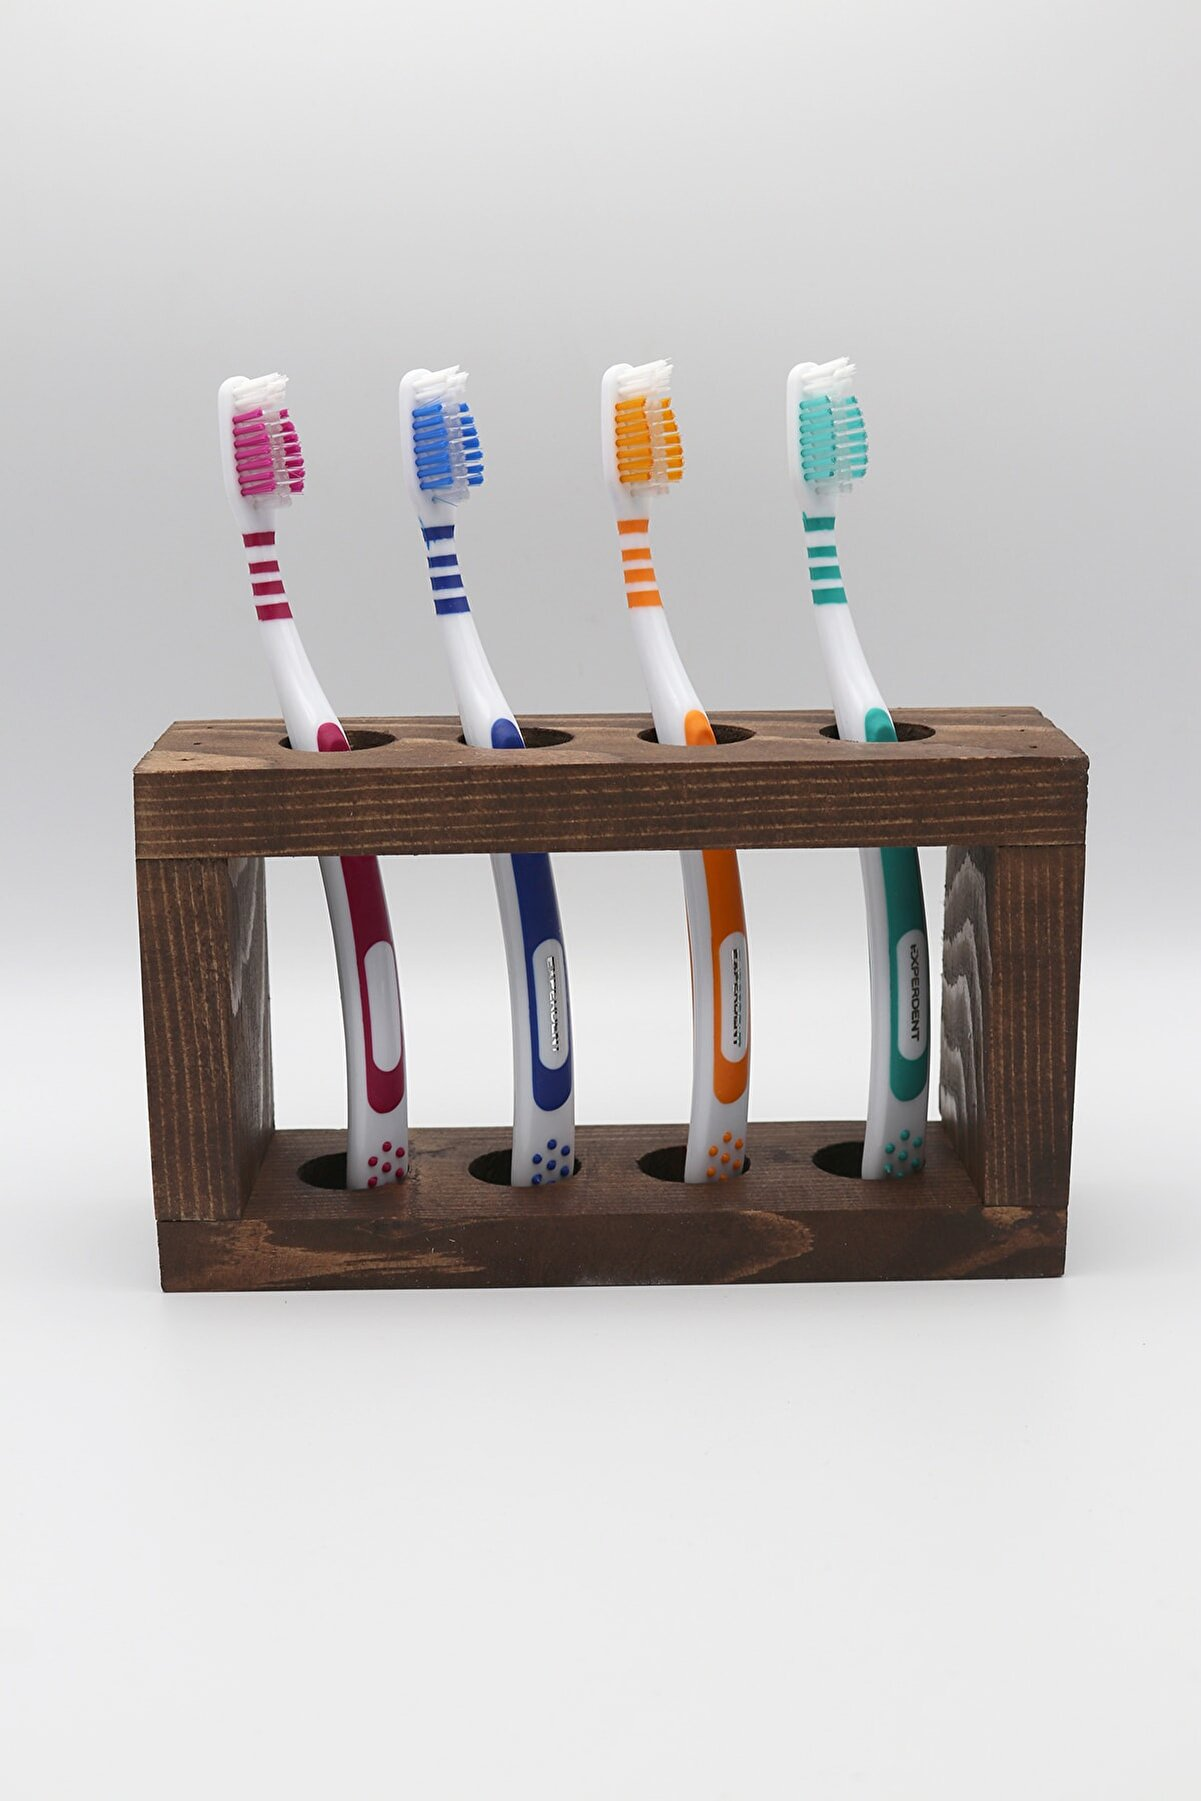 BRN STORE Ahşap Diş Fırçalık Diş Fırçası Standı 4 Bölmeli Diş Fırçalığı